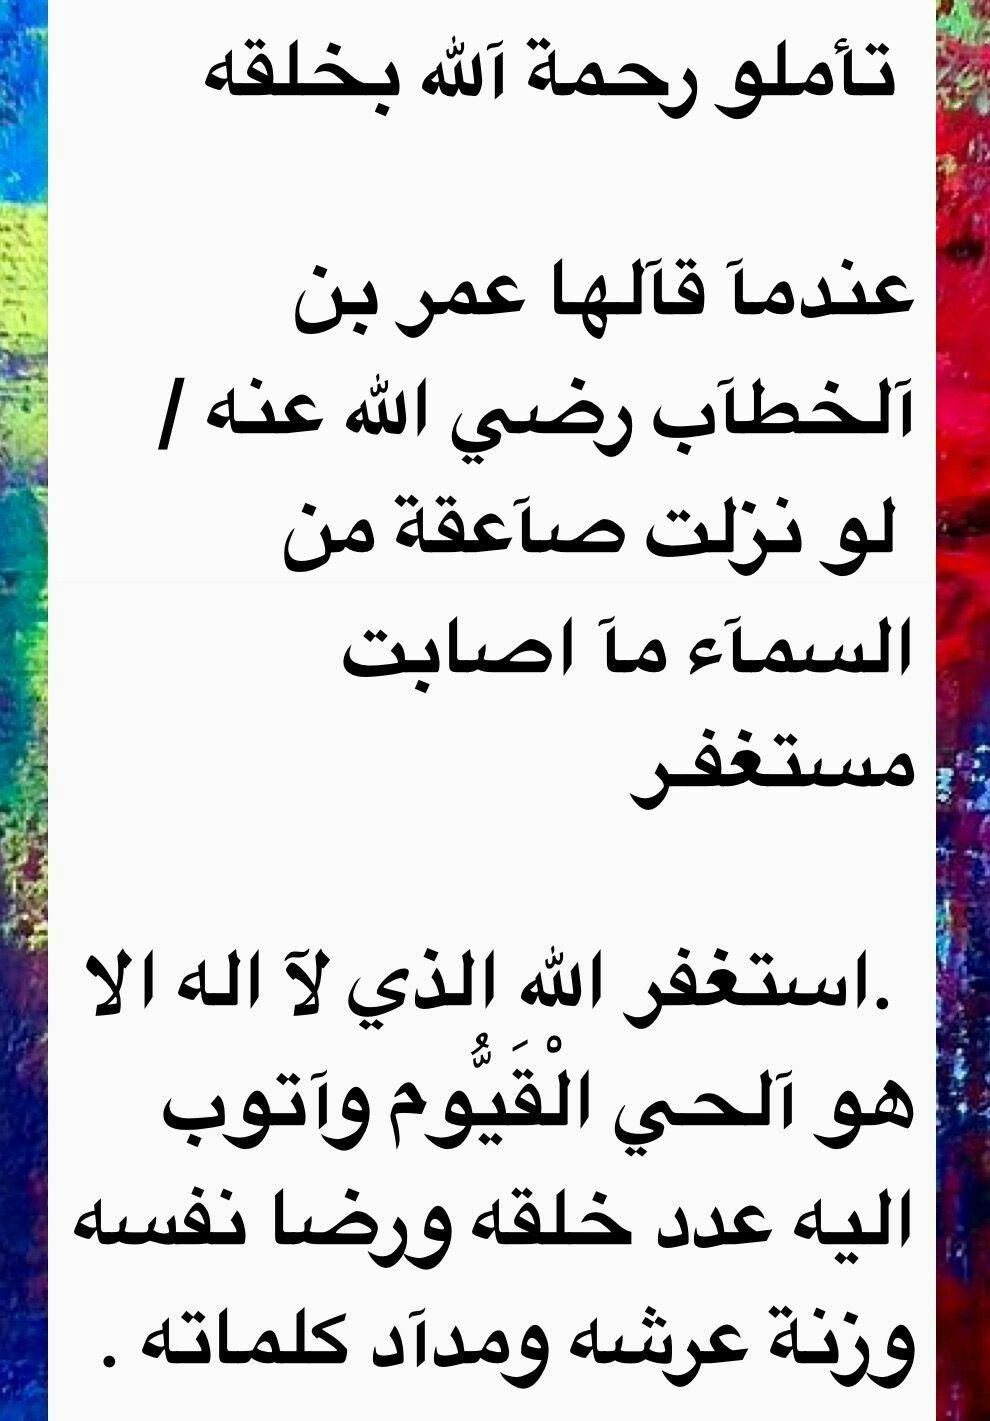 استغفر الله الذي لا إله إلا هو الحي القيوم وأتوب إليه عدد خلقه ورضا نفسه وزنة عرشه ومداد كلماته Quotes Islam Quran Quran